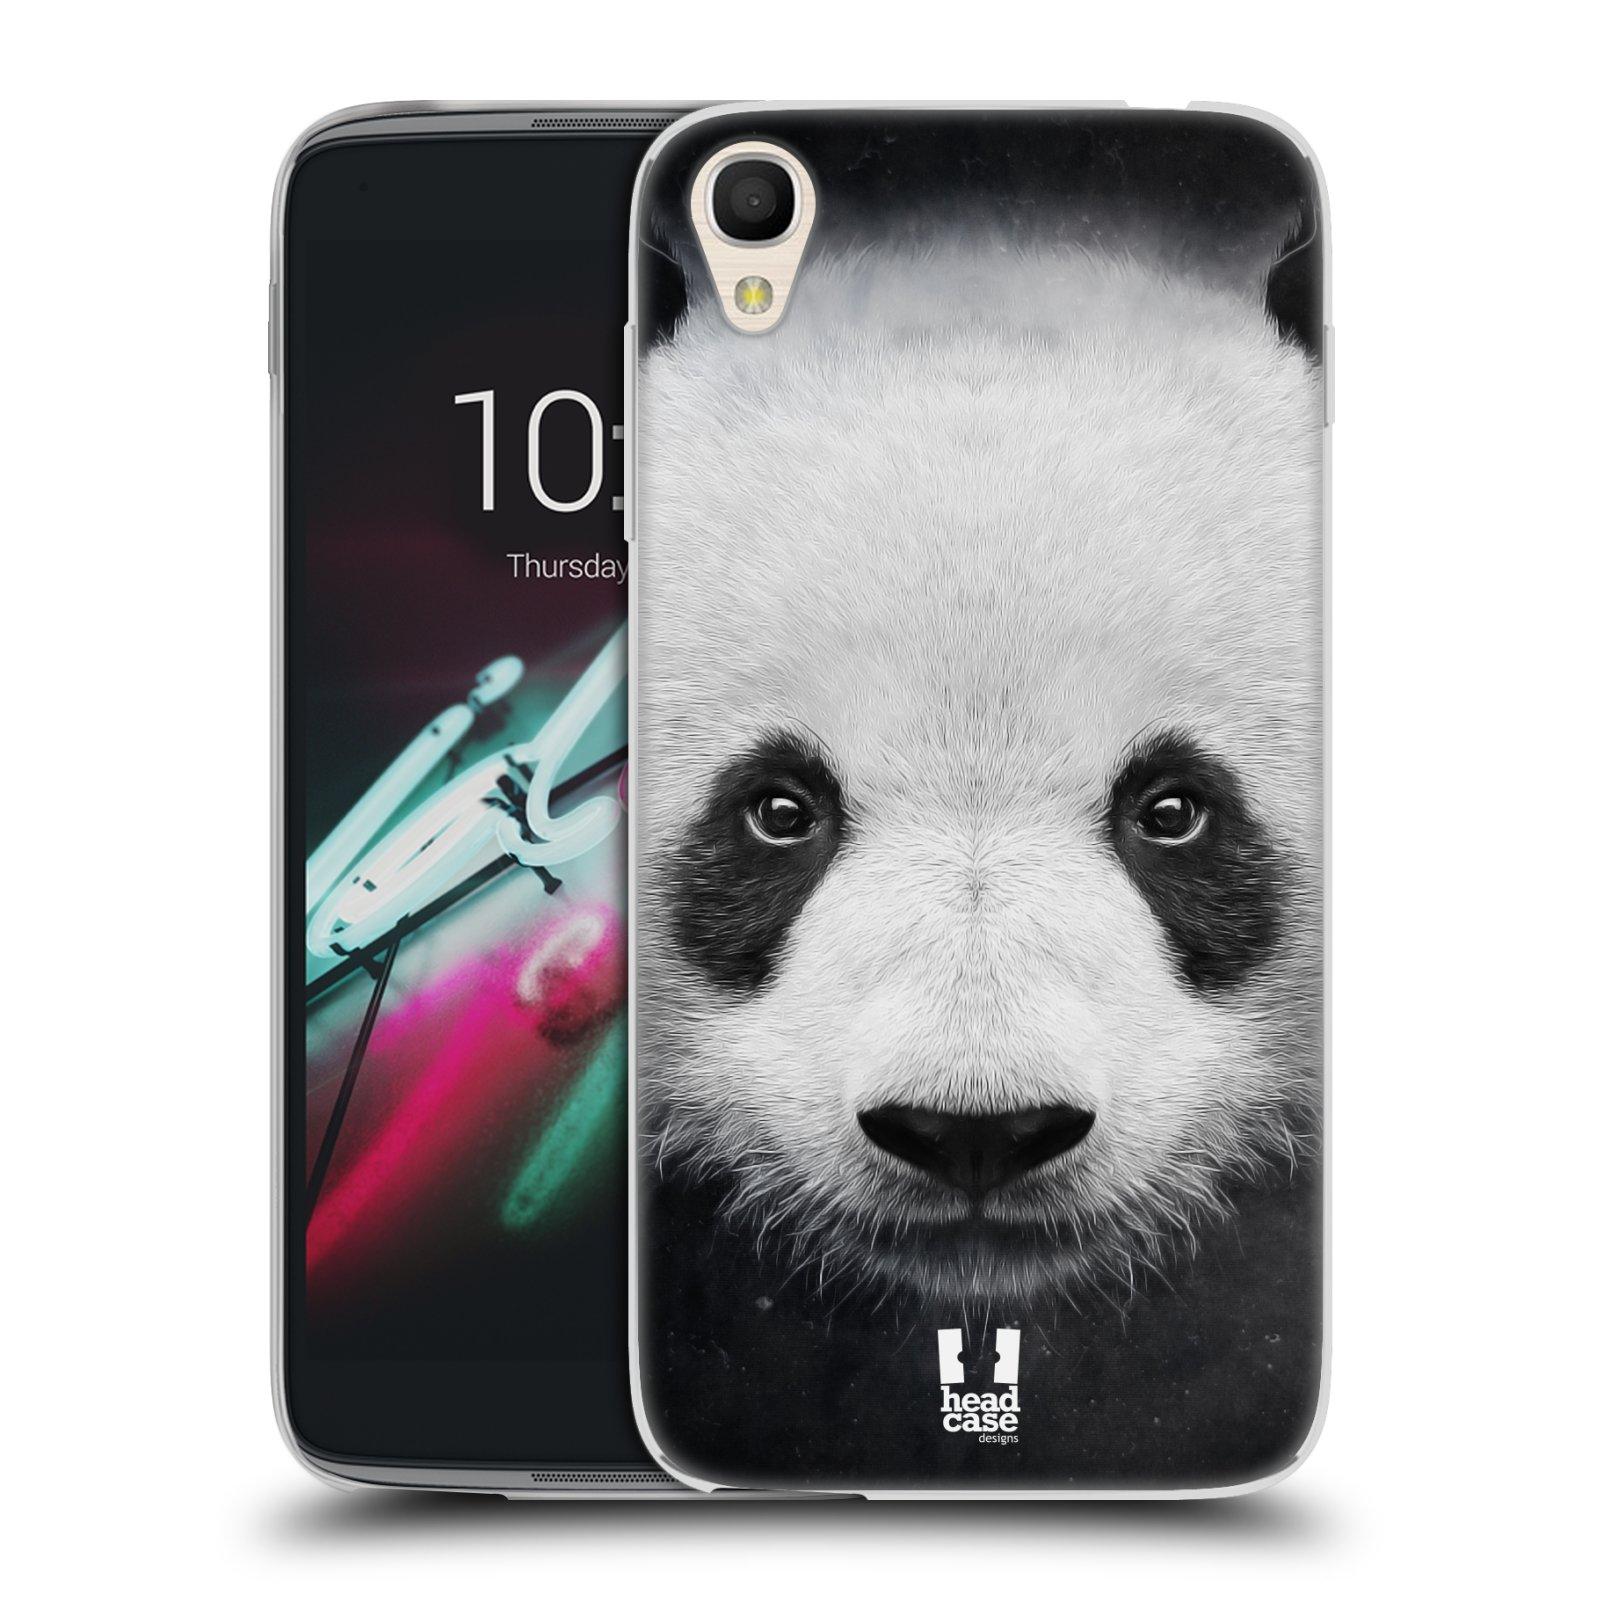 HEAD CASE silikonový obal na mobil Alcatel Idol 3 OT-6039Y (4.7) vzor Zvířecí tváře medvěd panda